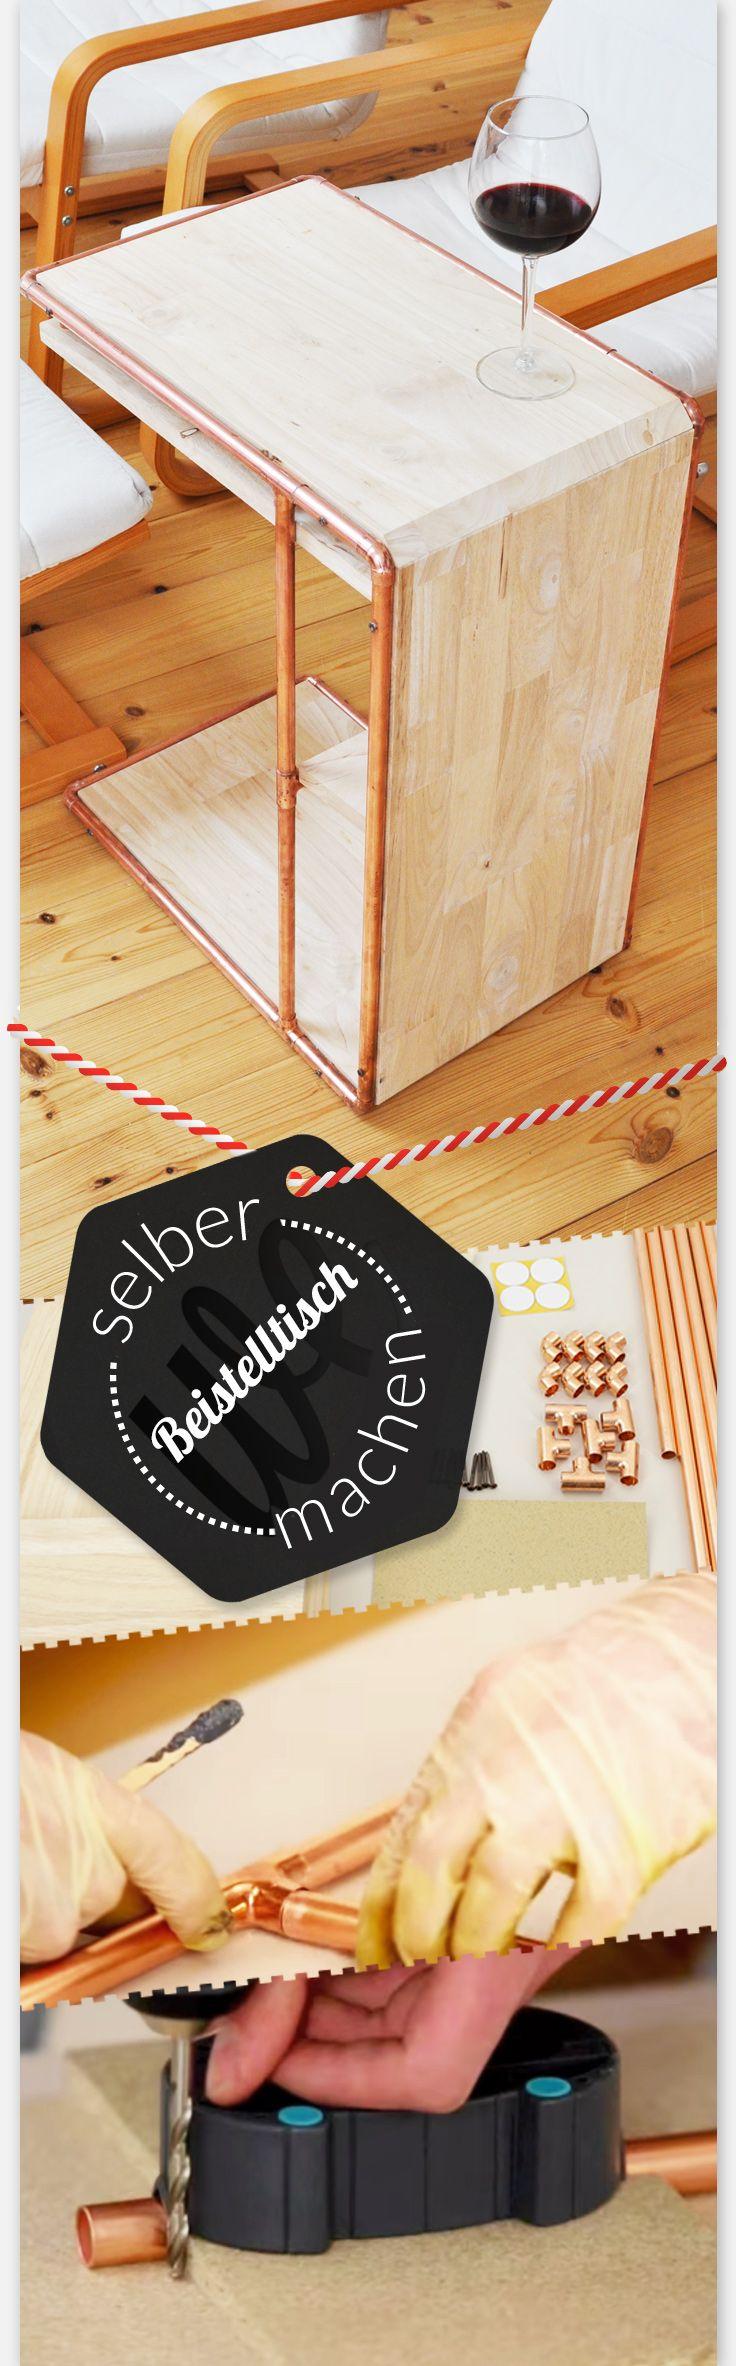 Komplette Bauanleitung für DIY Beistelltisch fürs Wohnzimmer aus Holz und Kupfer. Einfache Anleitung als Videotutorial - alles auf der Homepage von wefactory Berlin.